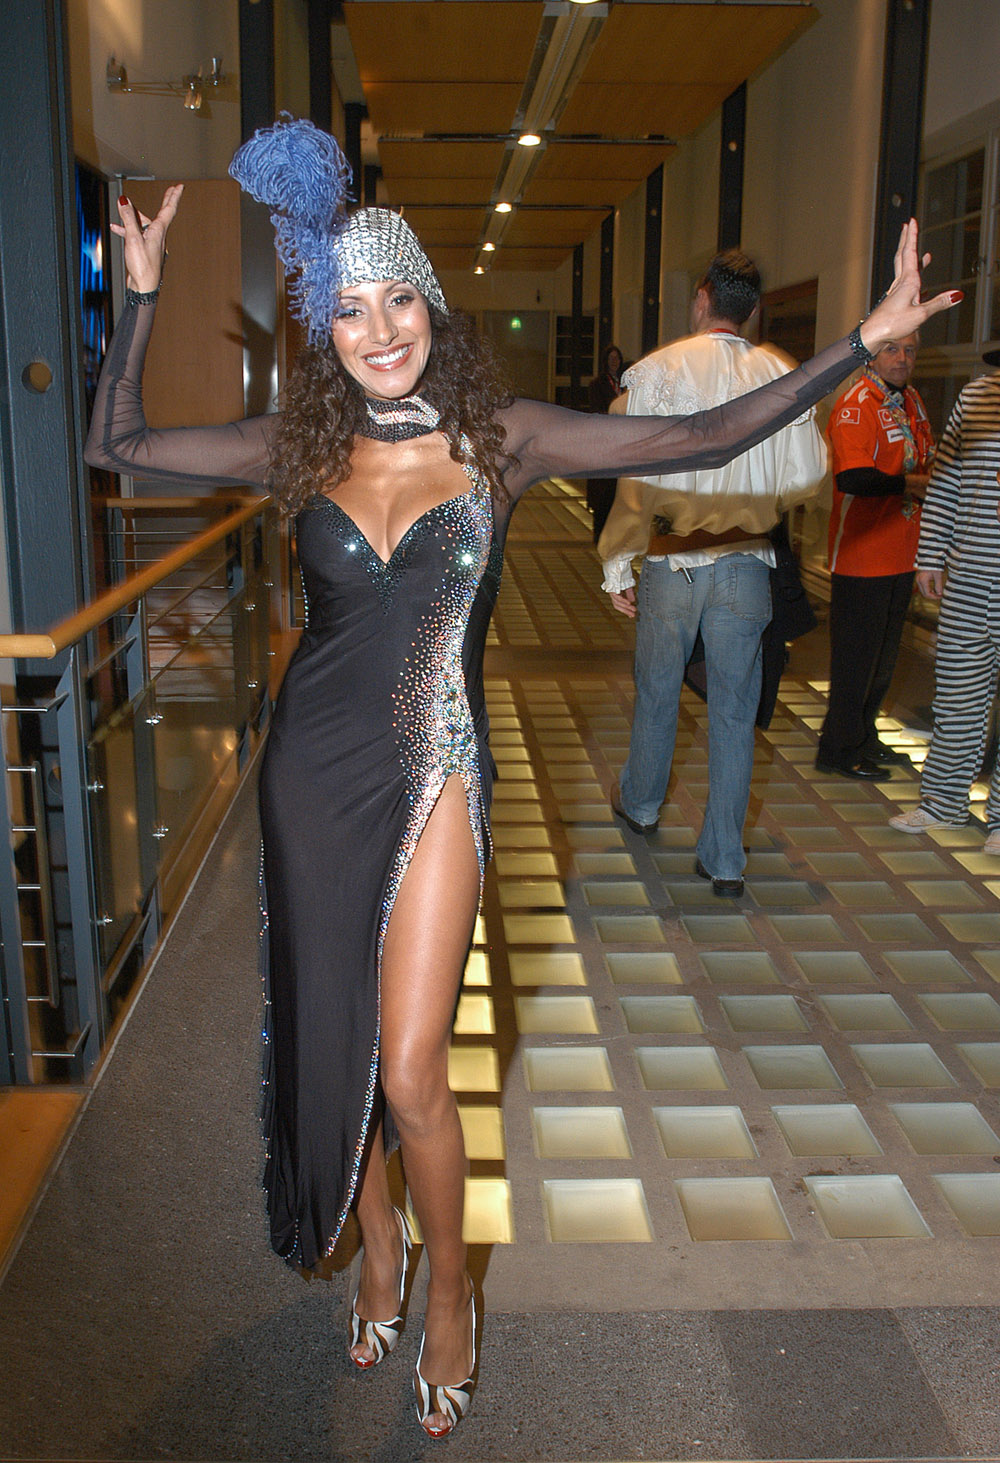 CD_263_mvo_Klueh Sitzung Karneval  FOTO: MARKUS VAN OFFERN